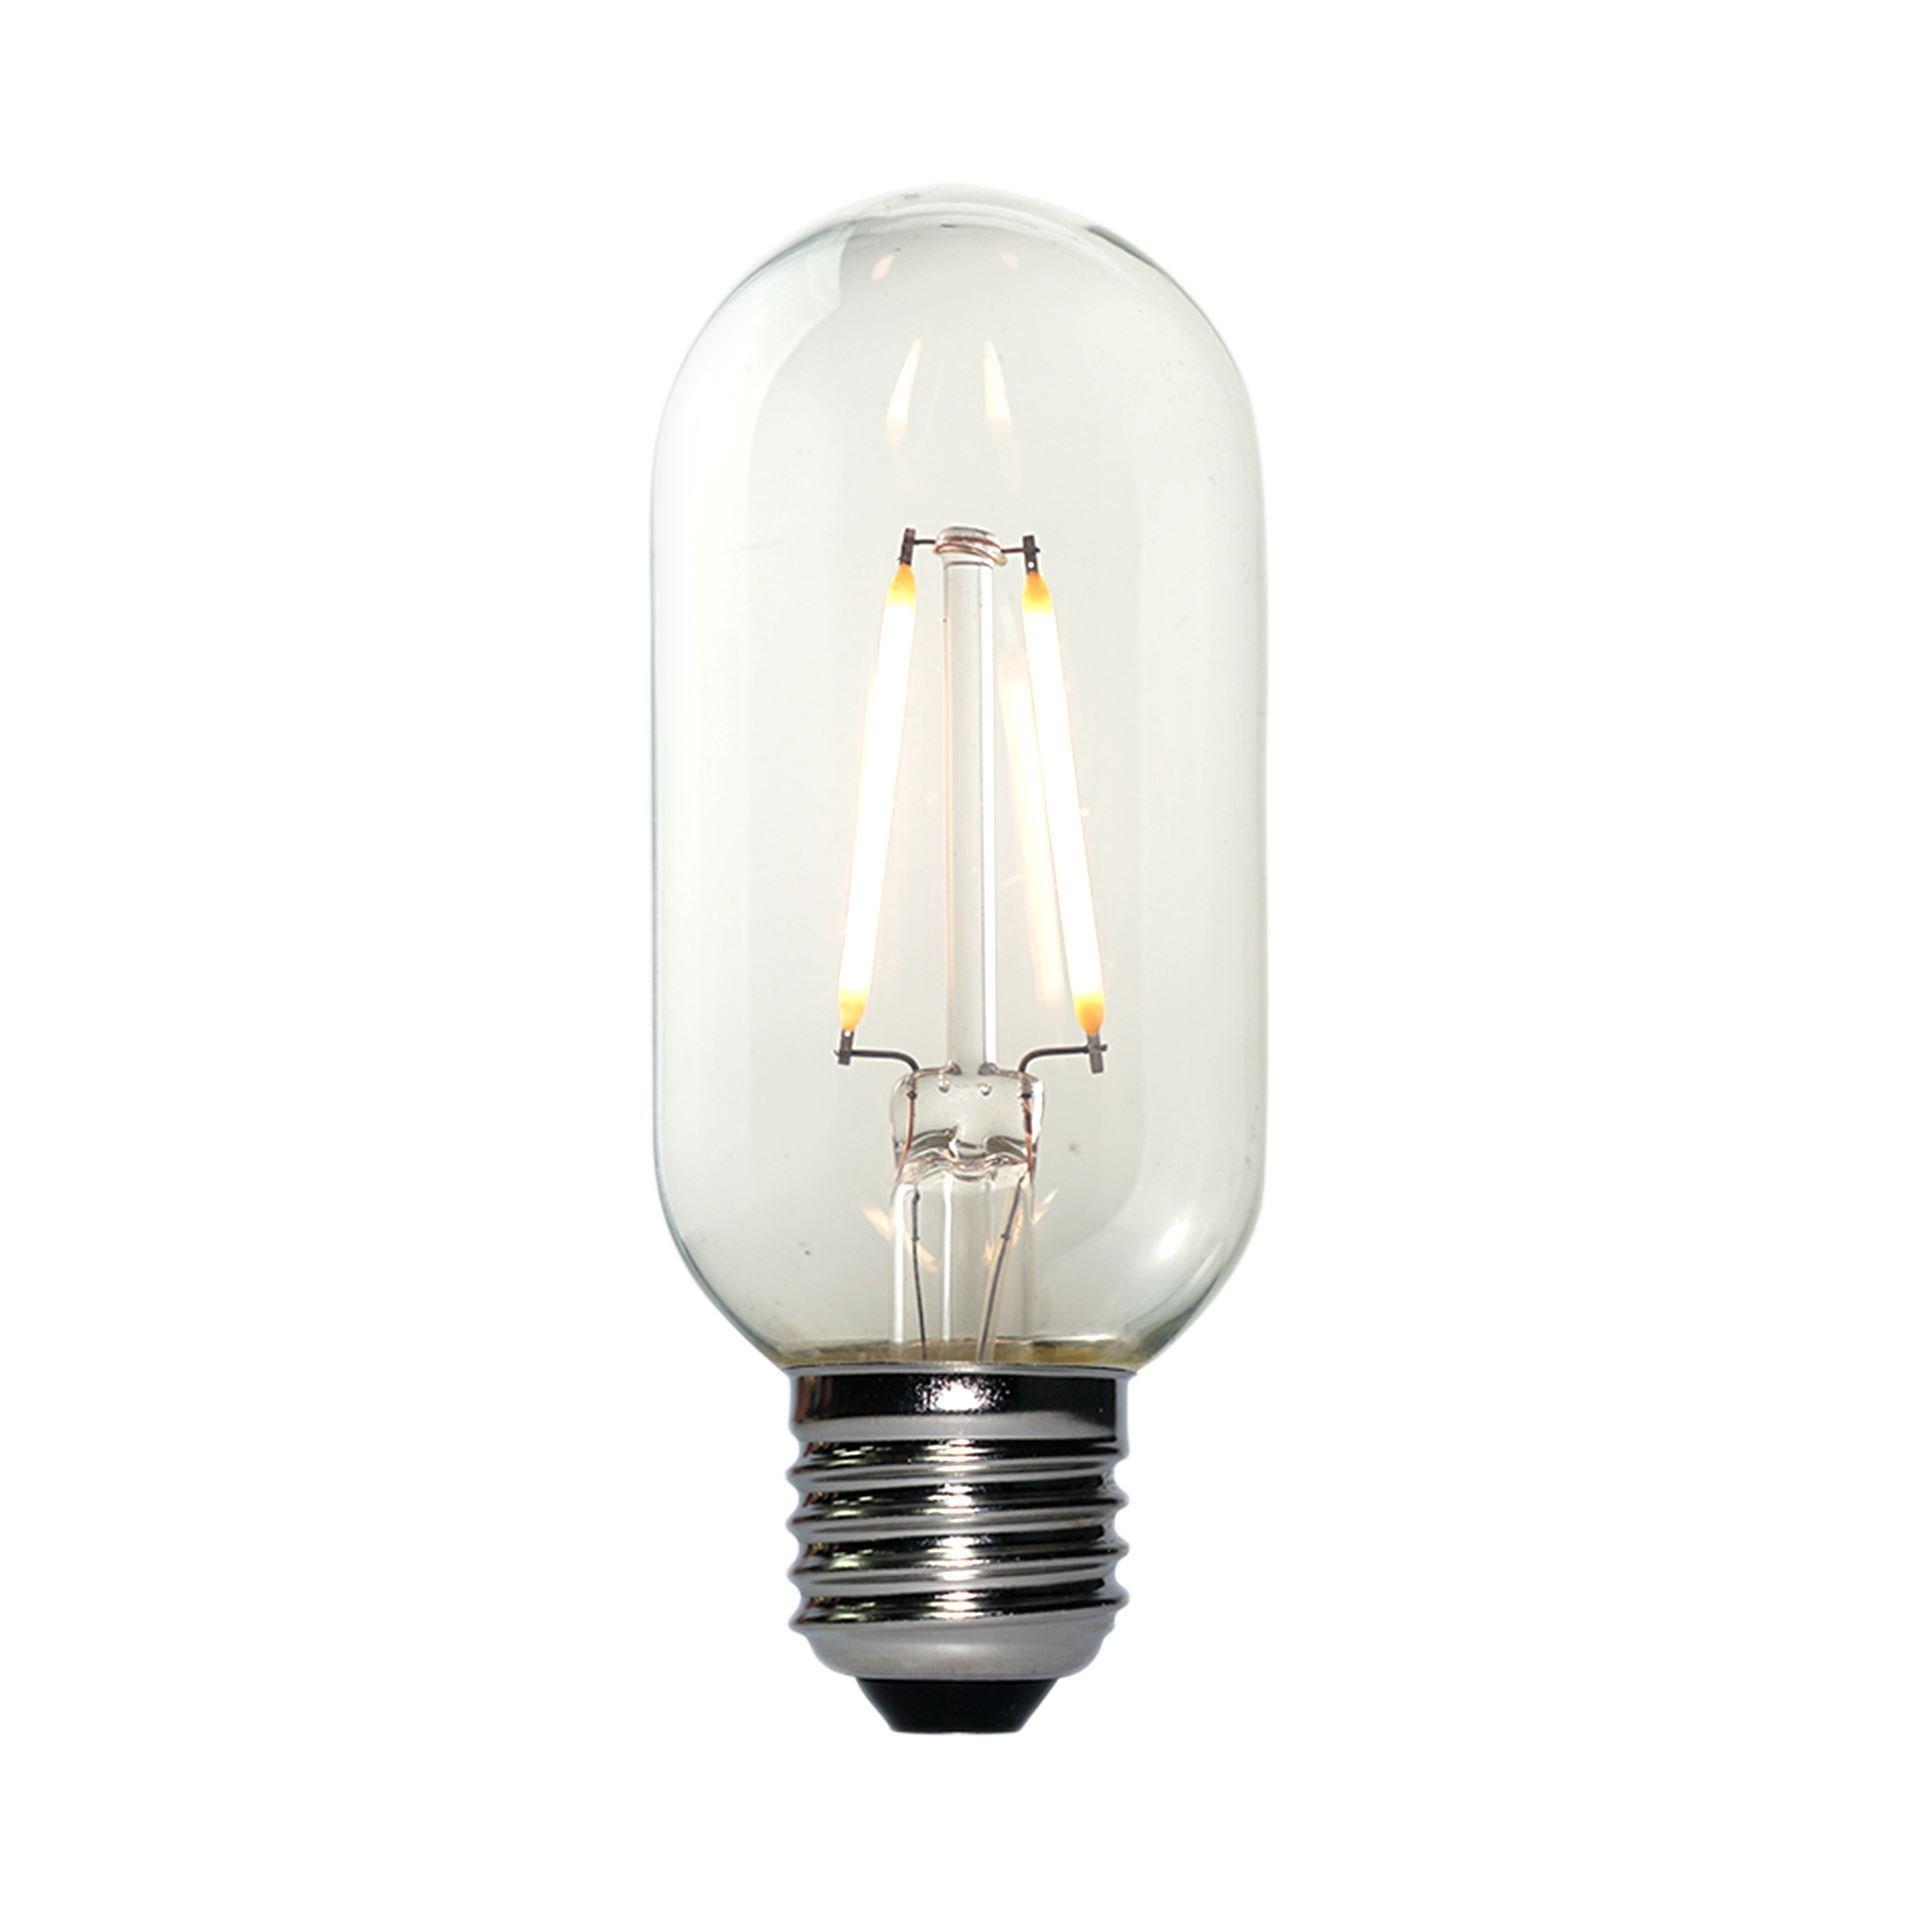 LED Edison style